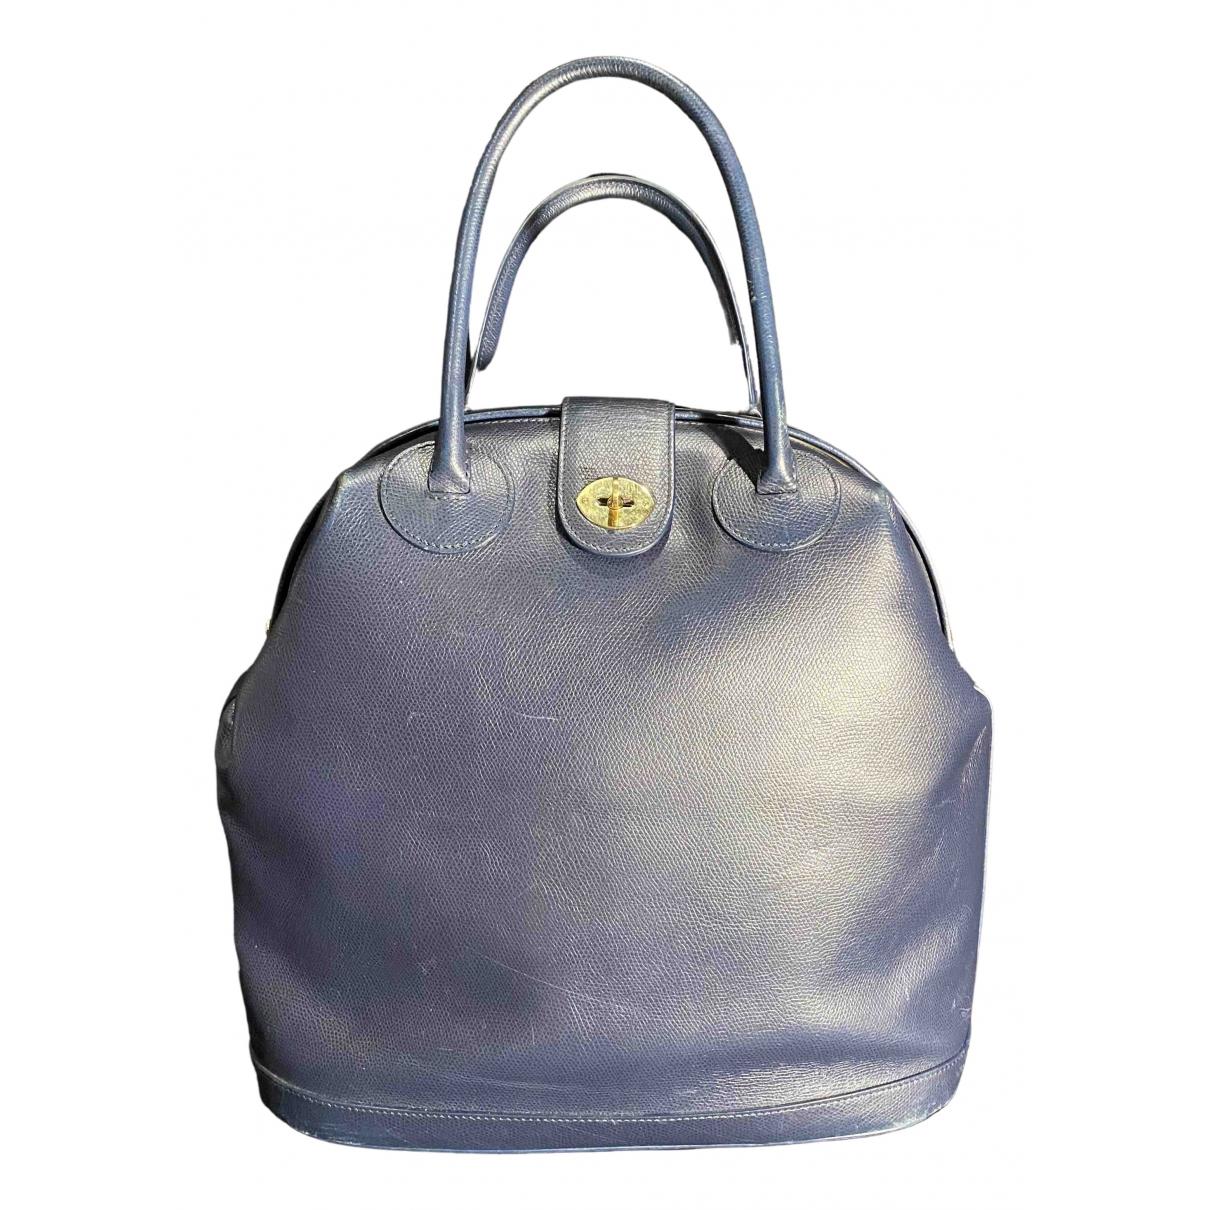 Giorgio Armani \N Blue Leather handbag for Women \N